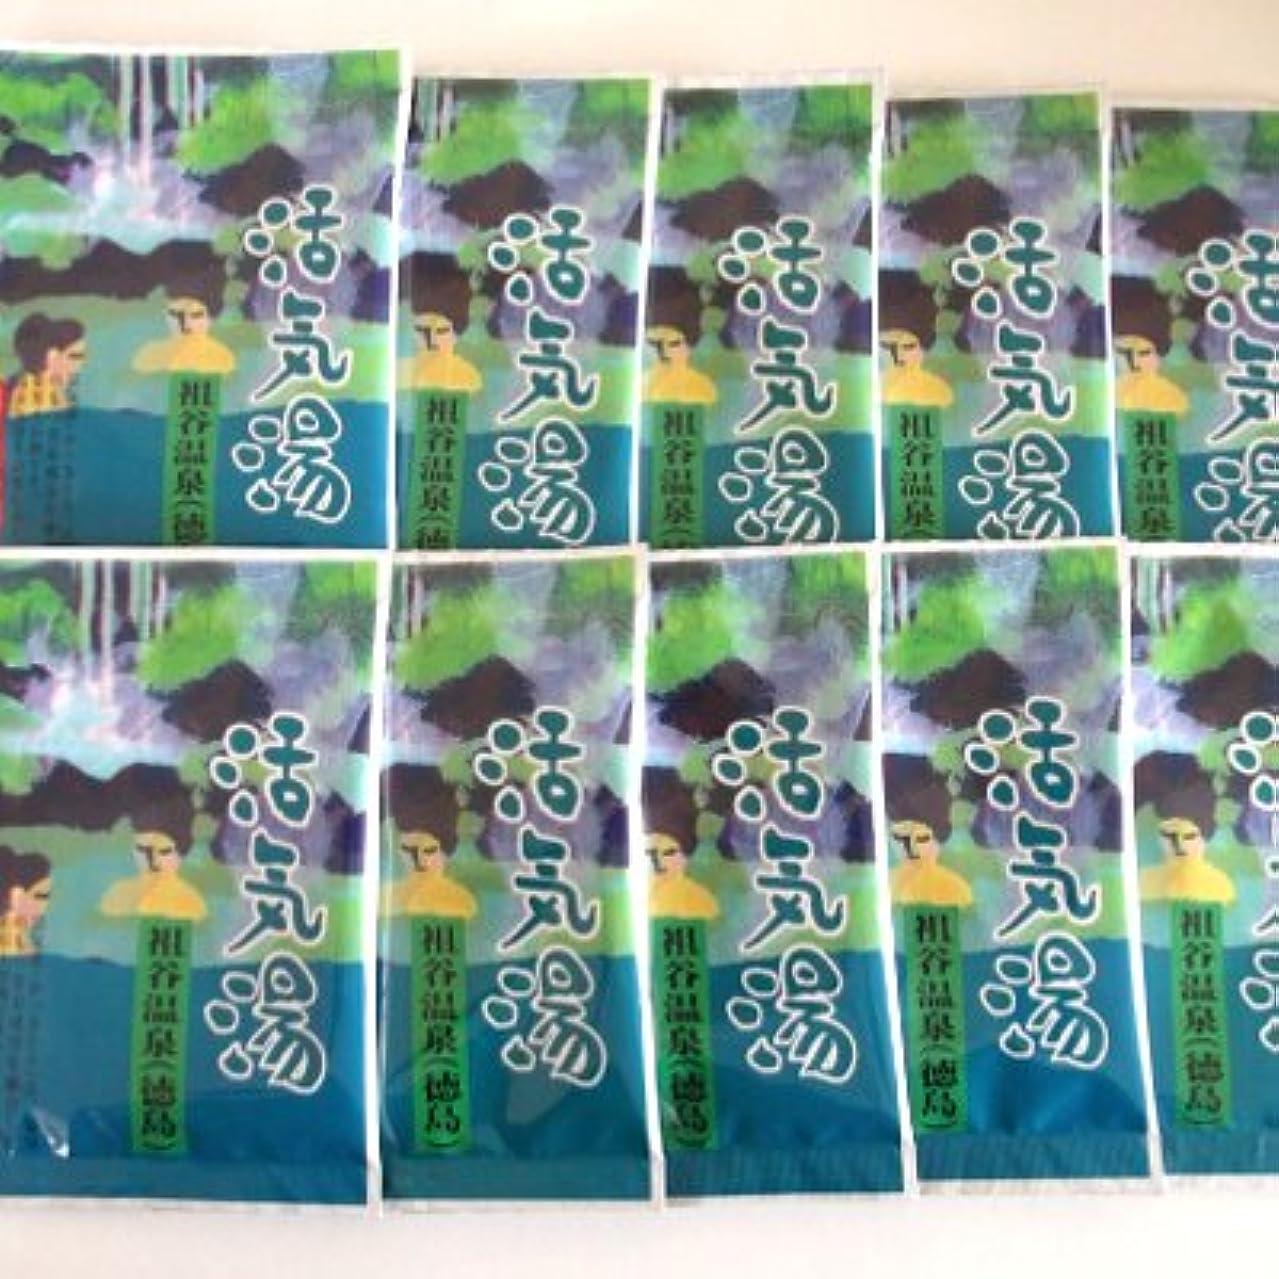 勇気のあるカプラーアデレード活気湯 祖谷温泉(フローラル) 10包セット